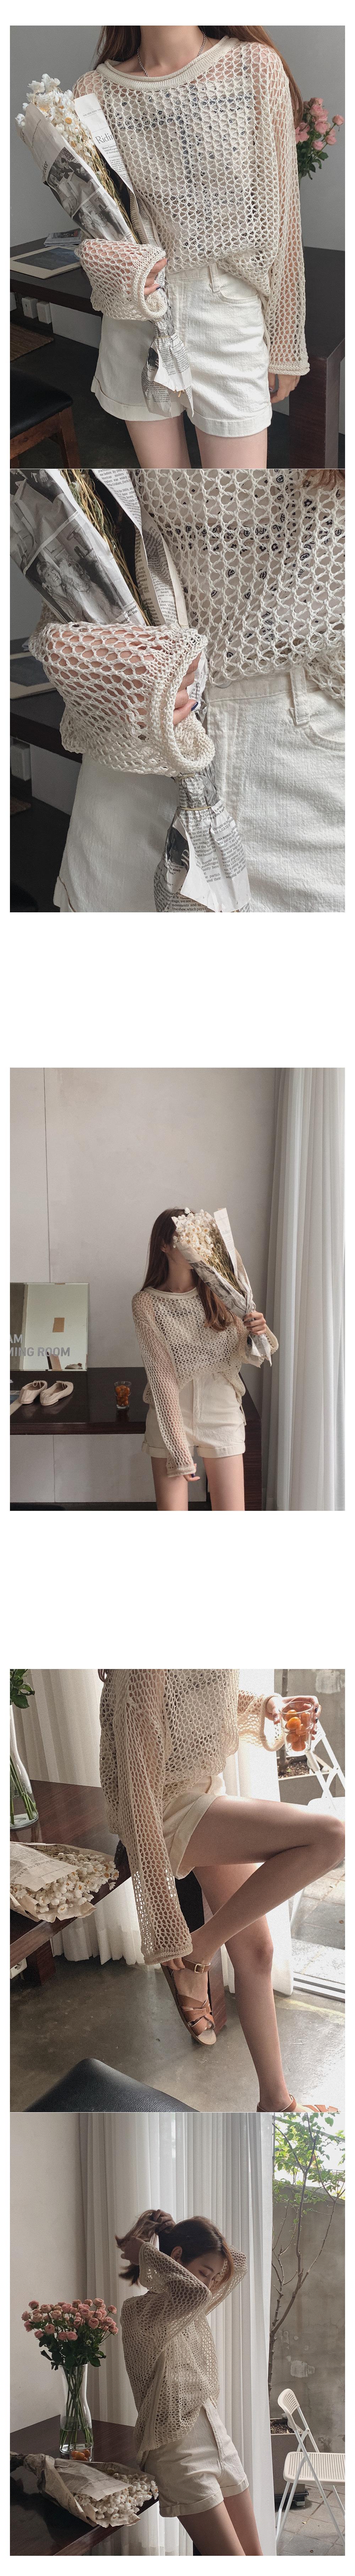 Place net knit